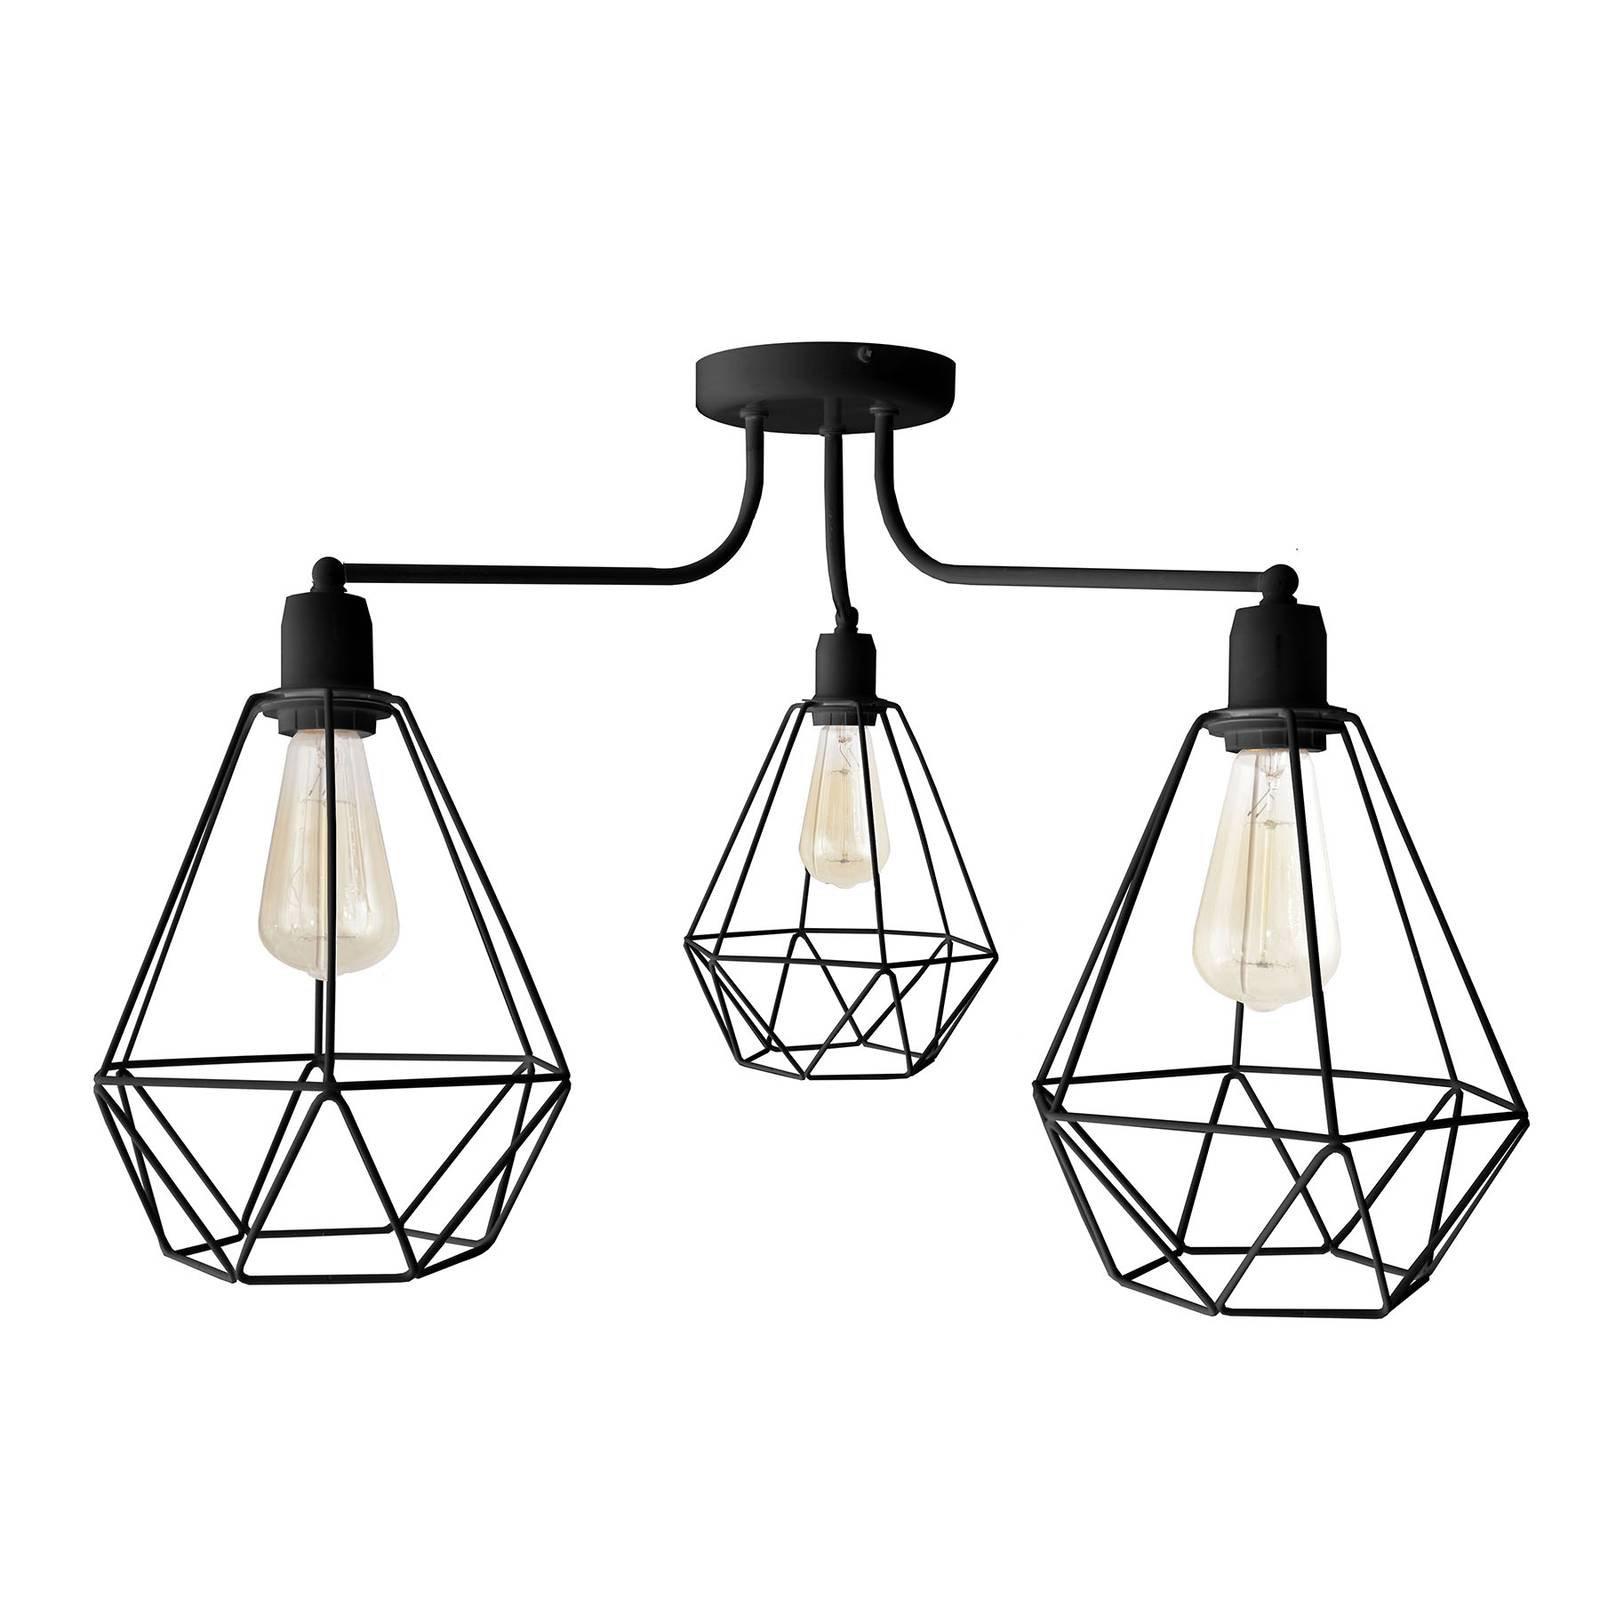 Taklampe Karo, 3 lyskilder, svart